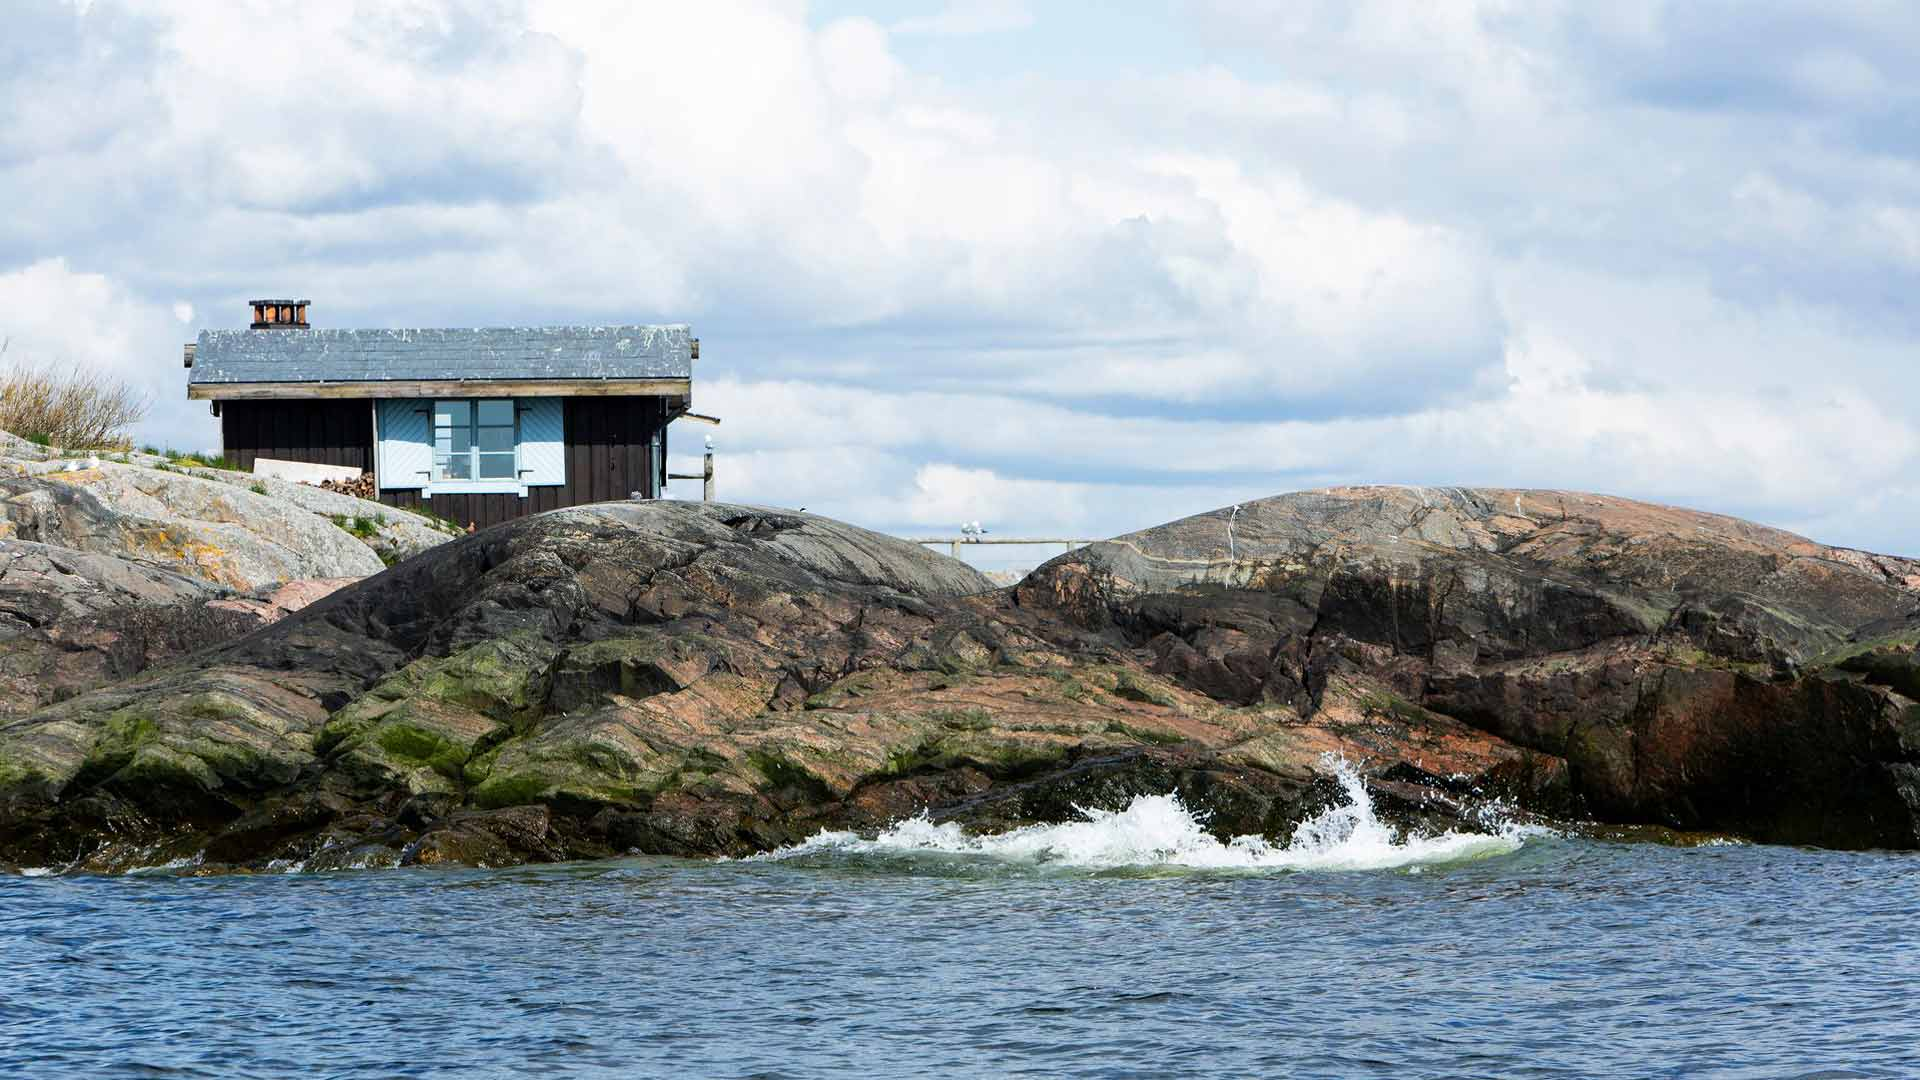 Tove Jansson ja Tuulikki Pietilä asuivat kesät kahdestaan Klovharun saarella. Myrskyjen jälkeen pellinkiläiset ajelivat saaren ohi tai poikkesivat kylään, ja hätätilanteita viestimistä varten pariskunnalla oli valkoiset lakanat.